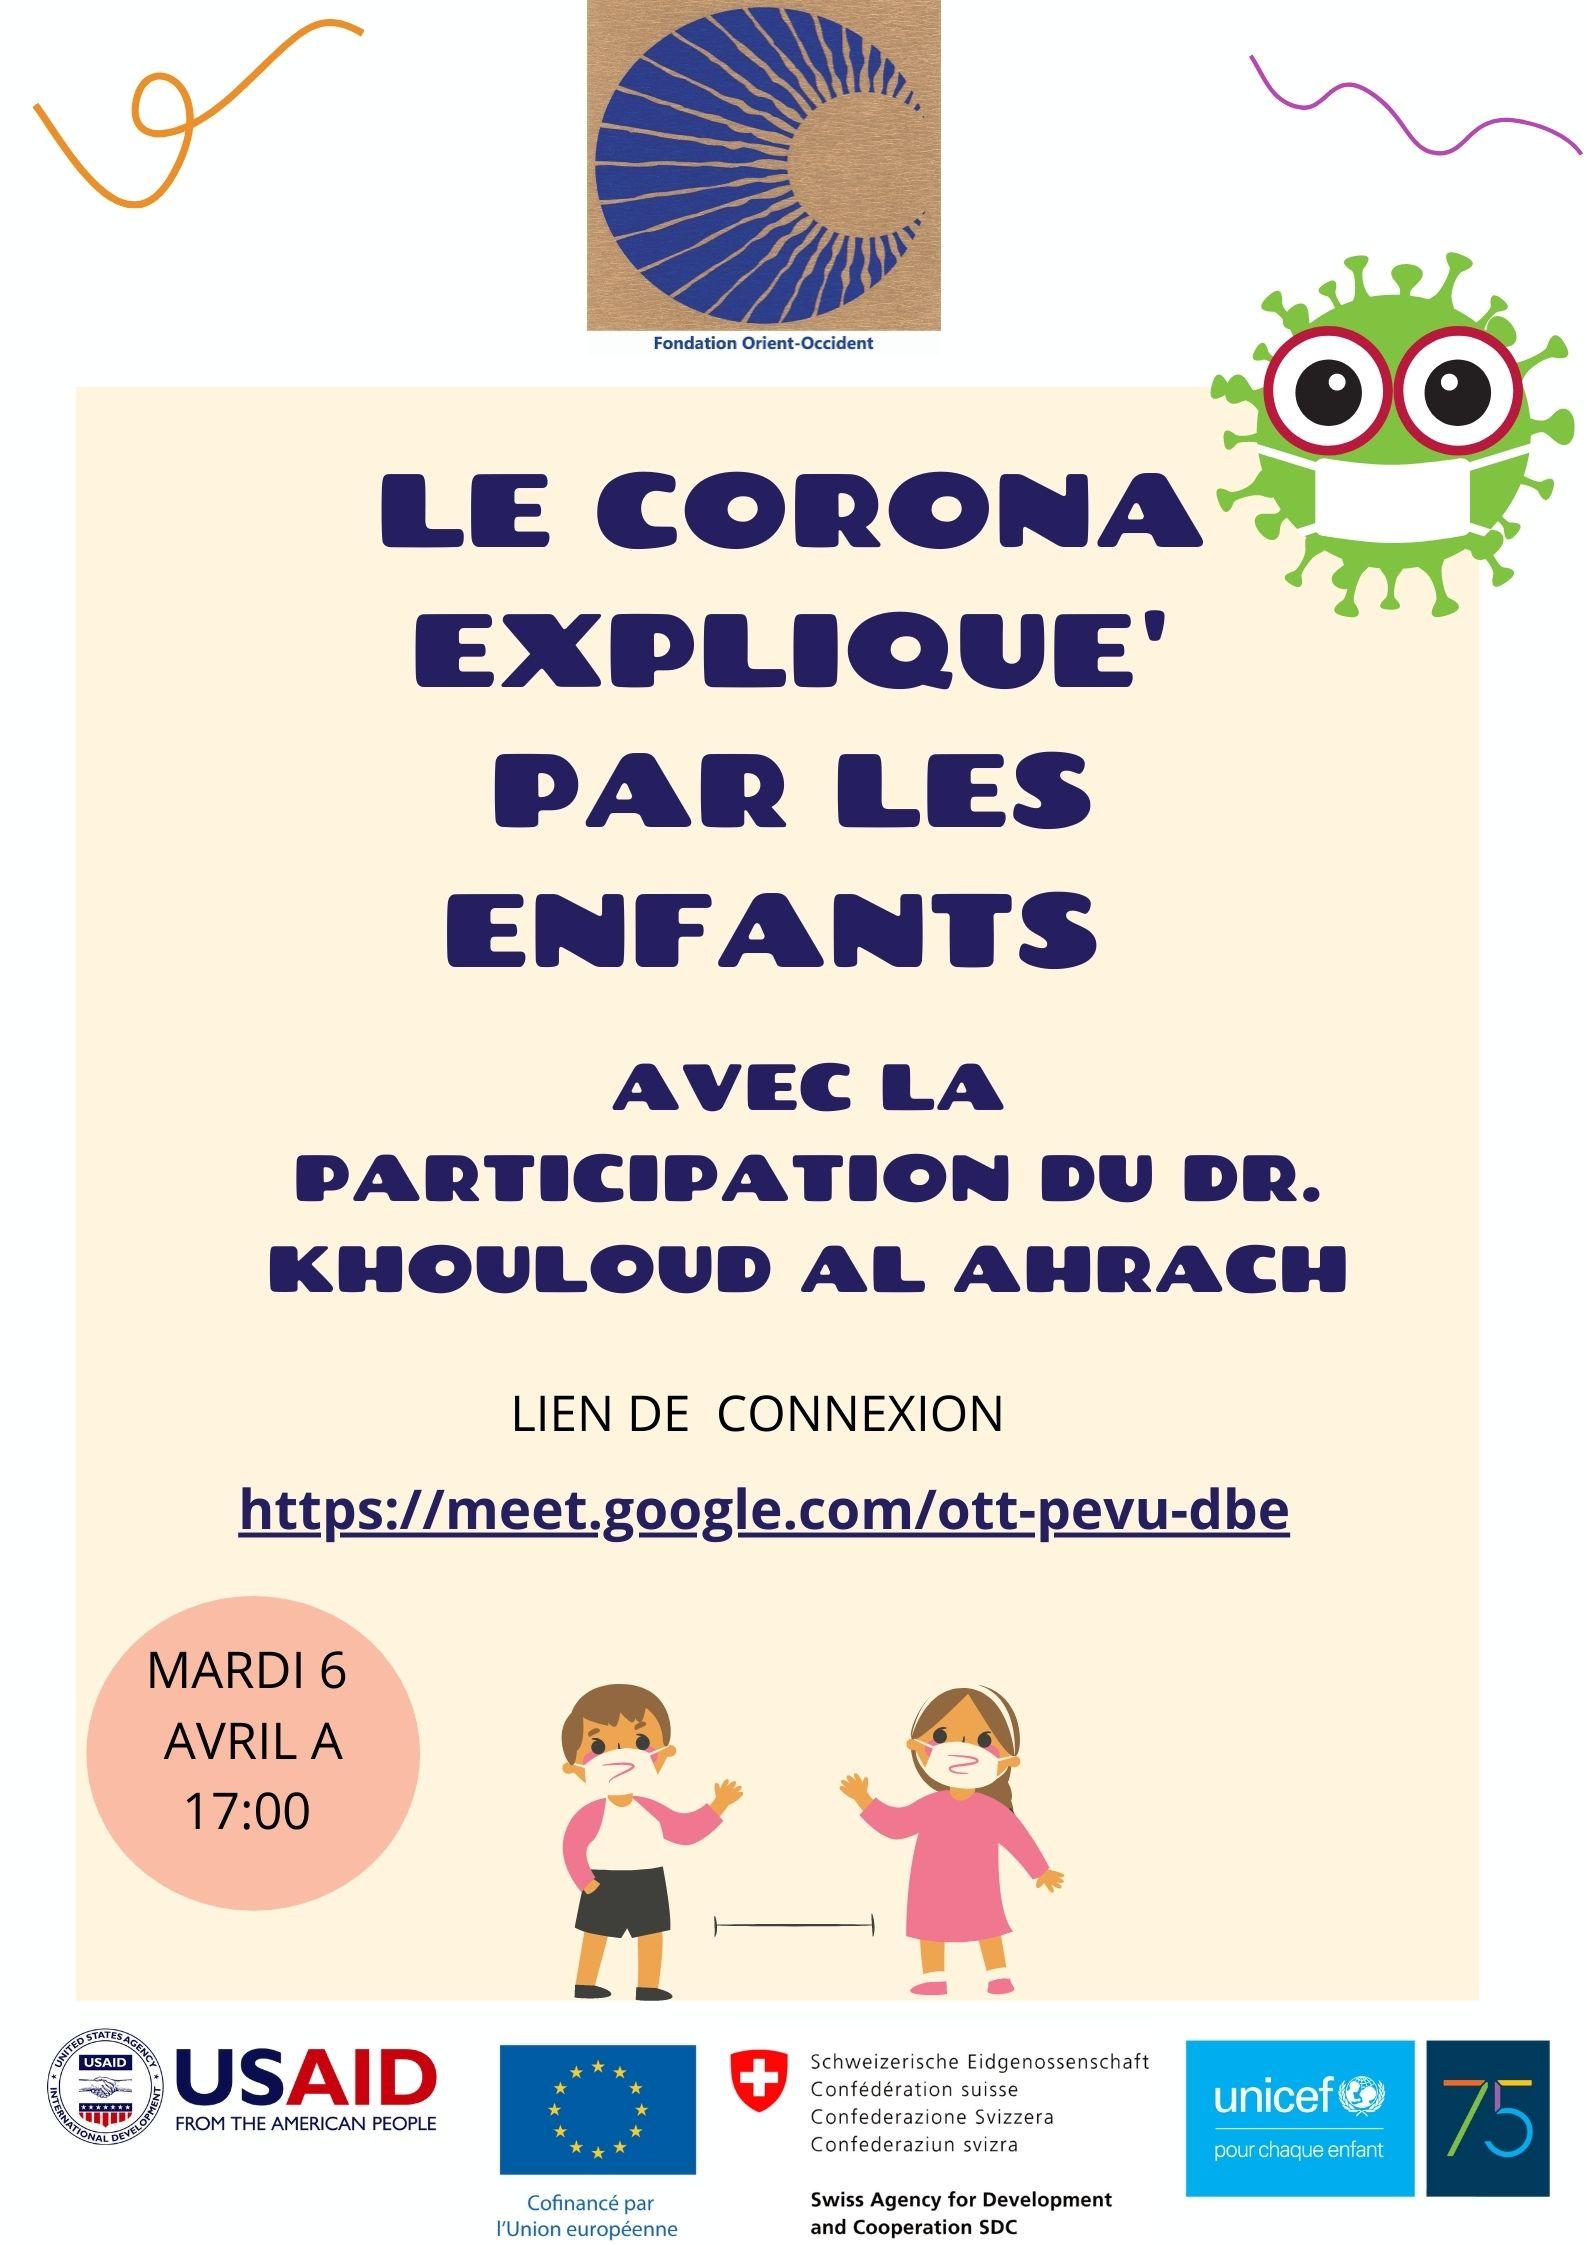 Rencontre virtuelle organisée par la Fondation, l'Unicef Maroc, l'USAID et l'Ambassade de Suisse au Maroc